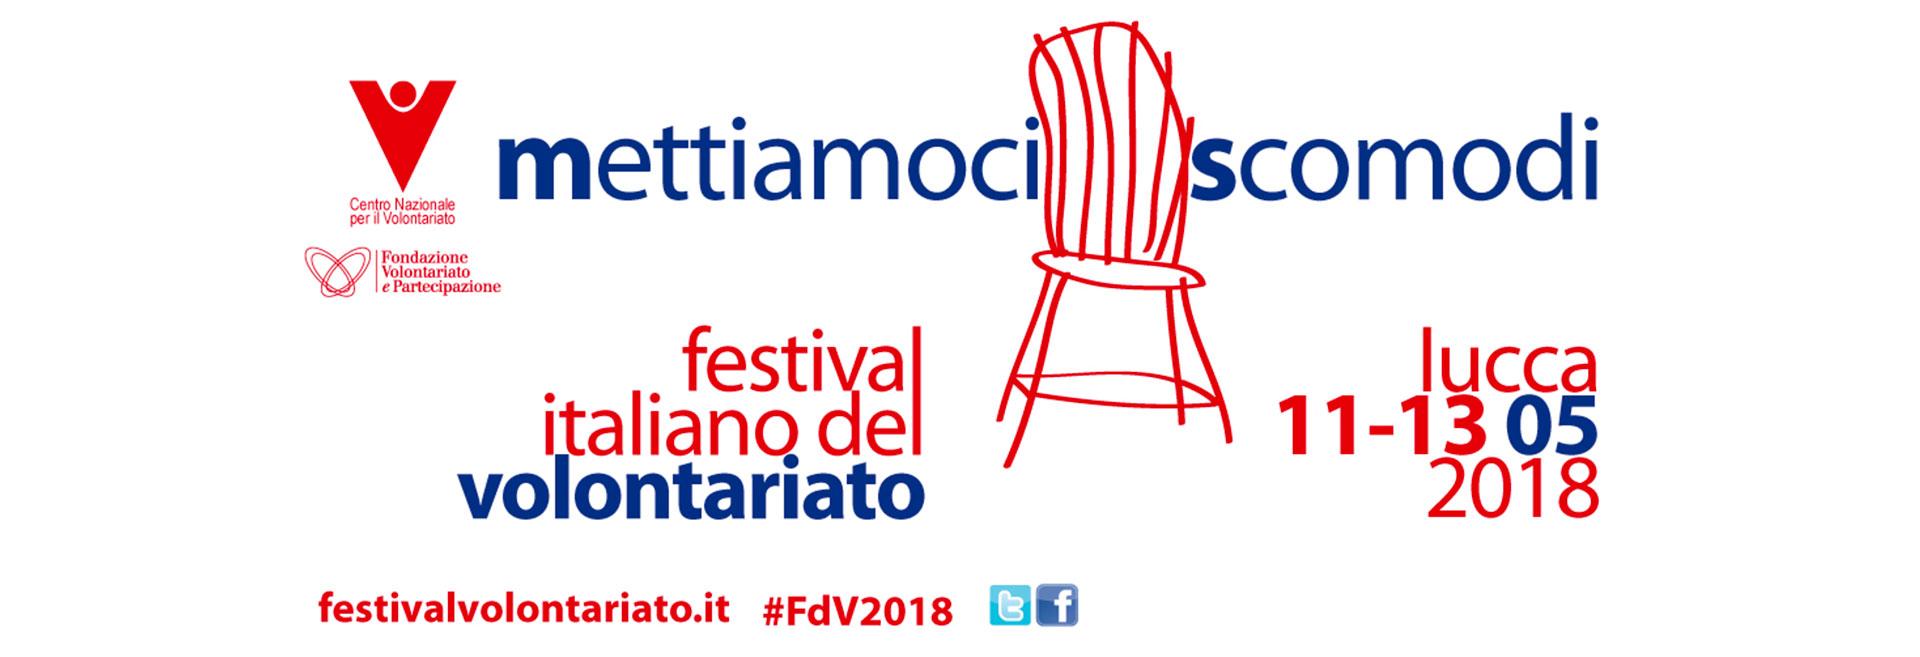 Festival Italiano del Volontariato - Lucca – 11-13 maggio 2018